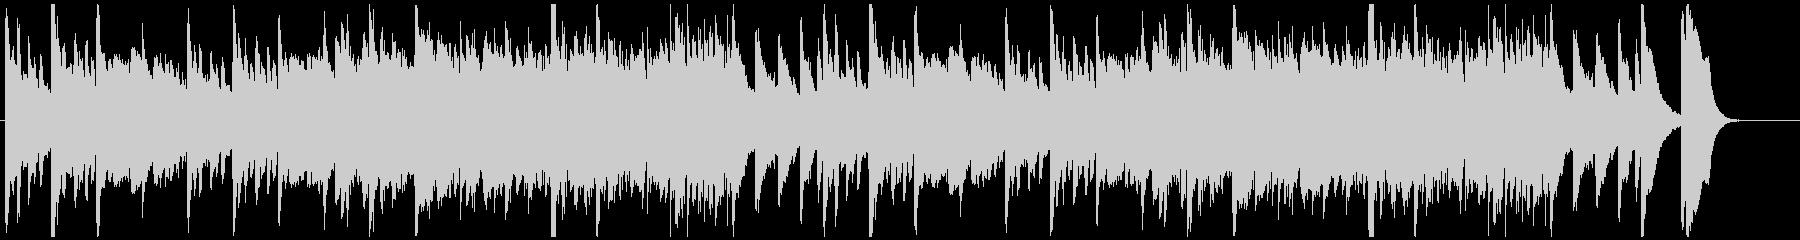 おばけホラーなBGMの未再生の波形